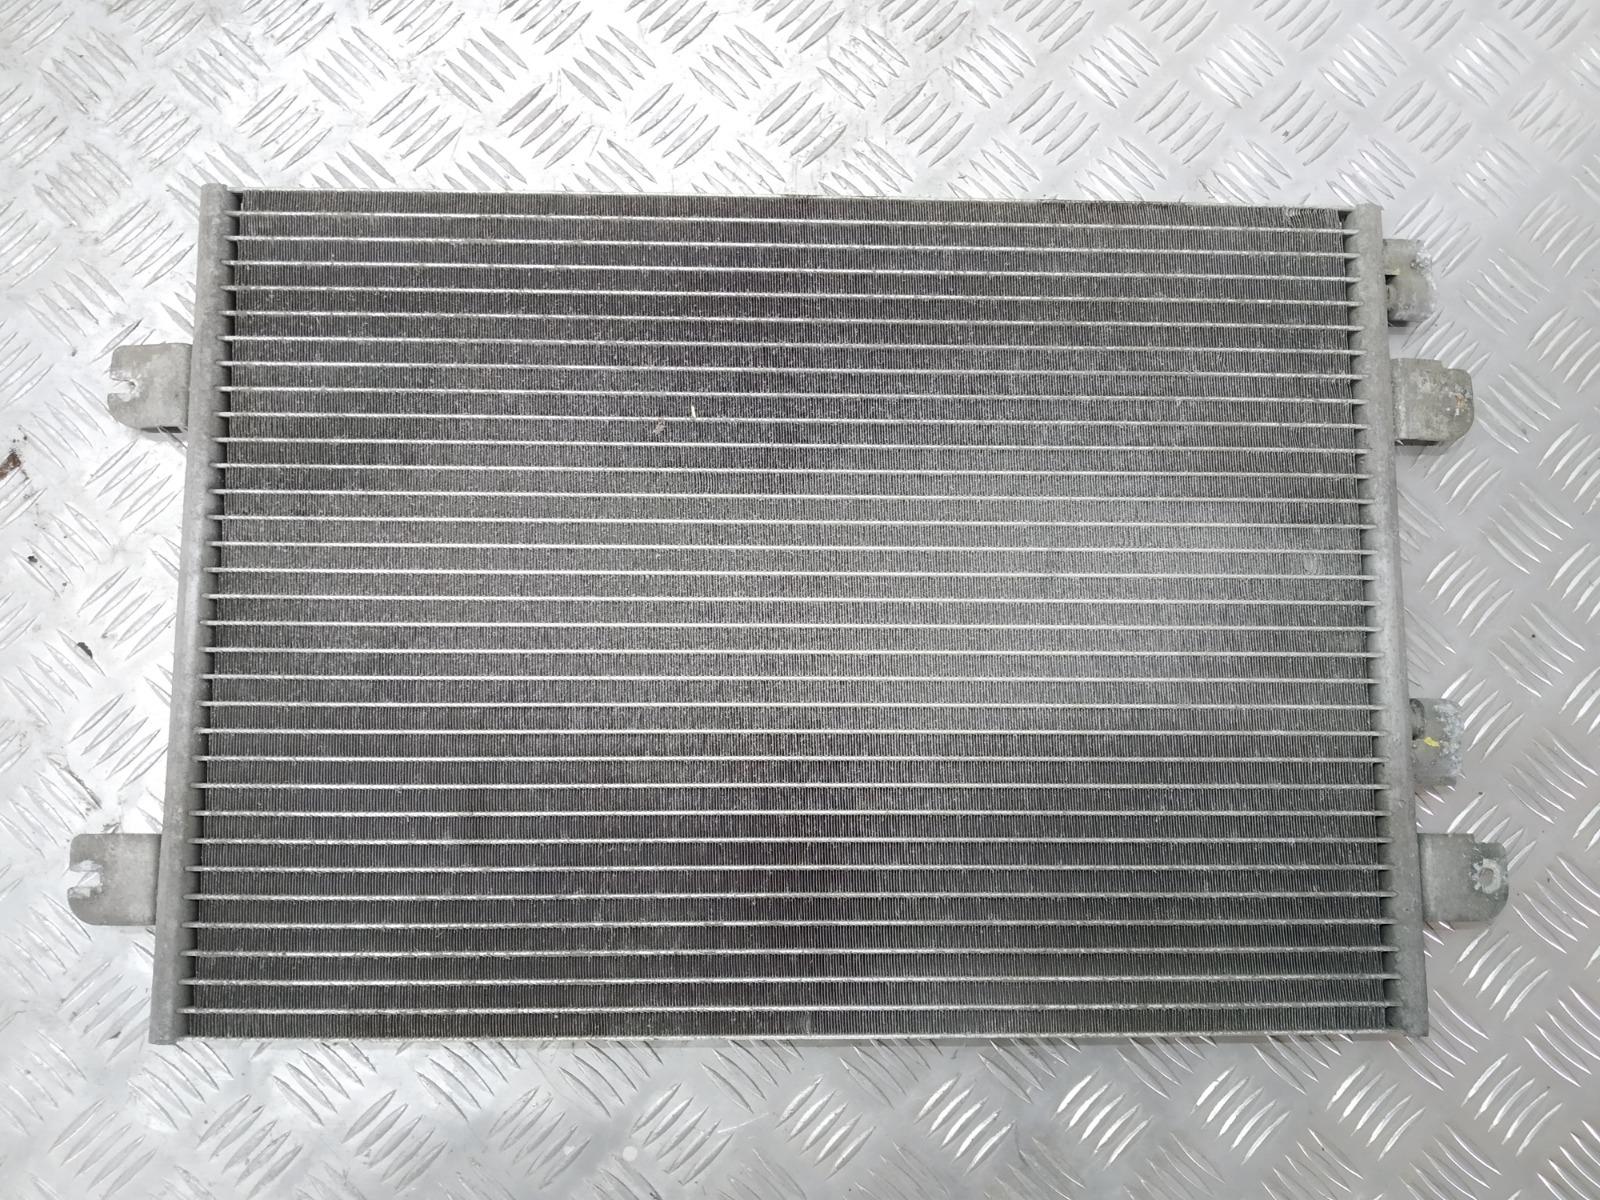 Радиатор кондиционера Renault Scenic 1.6 I 2003 (б/у)